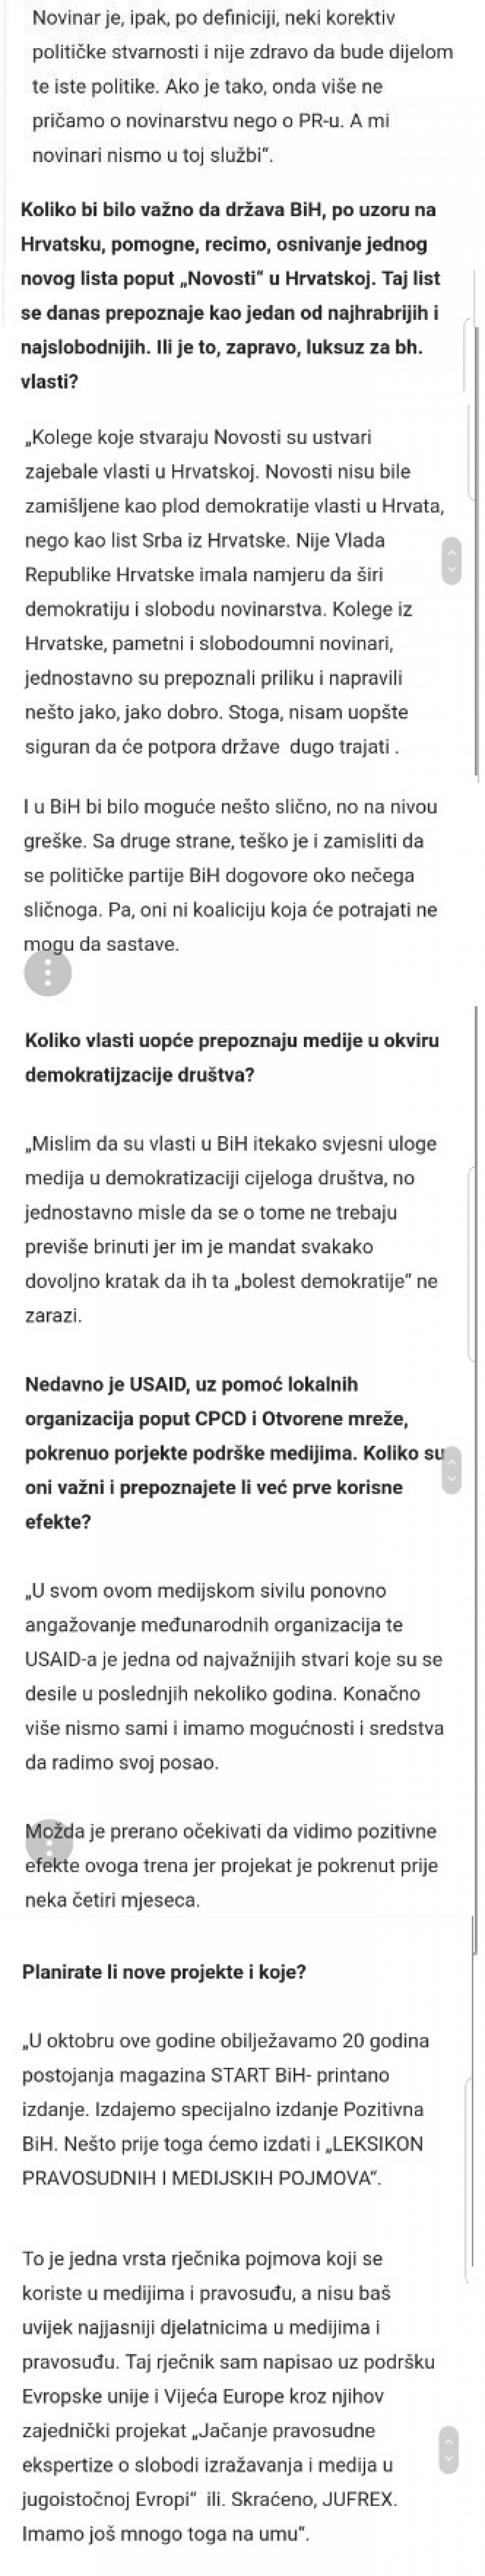 media-ddario-2_3.jpg